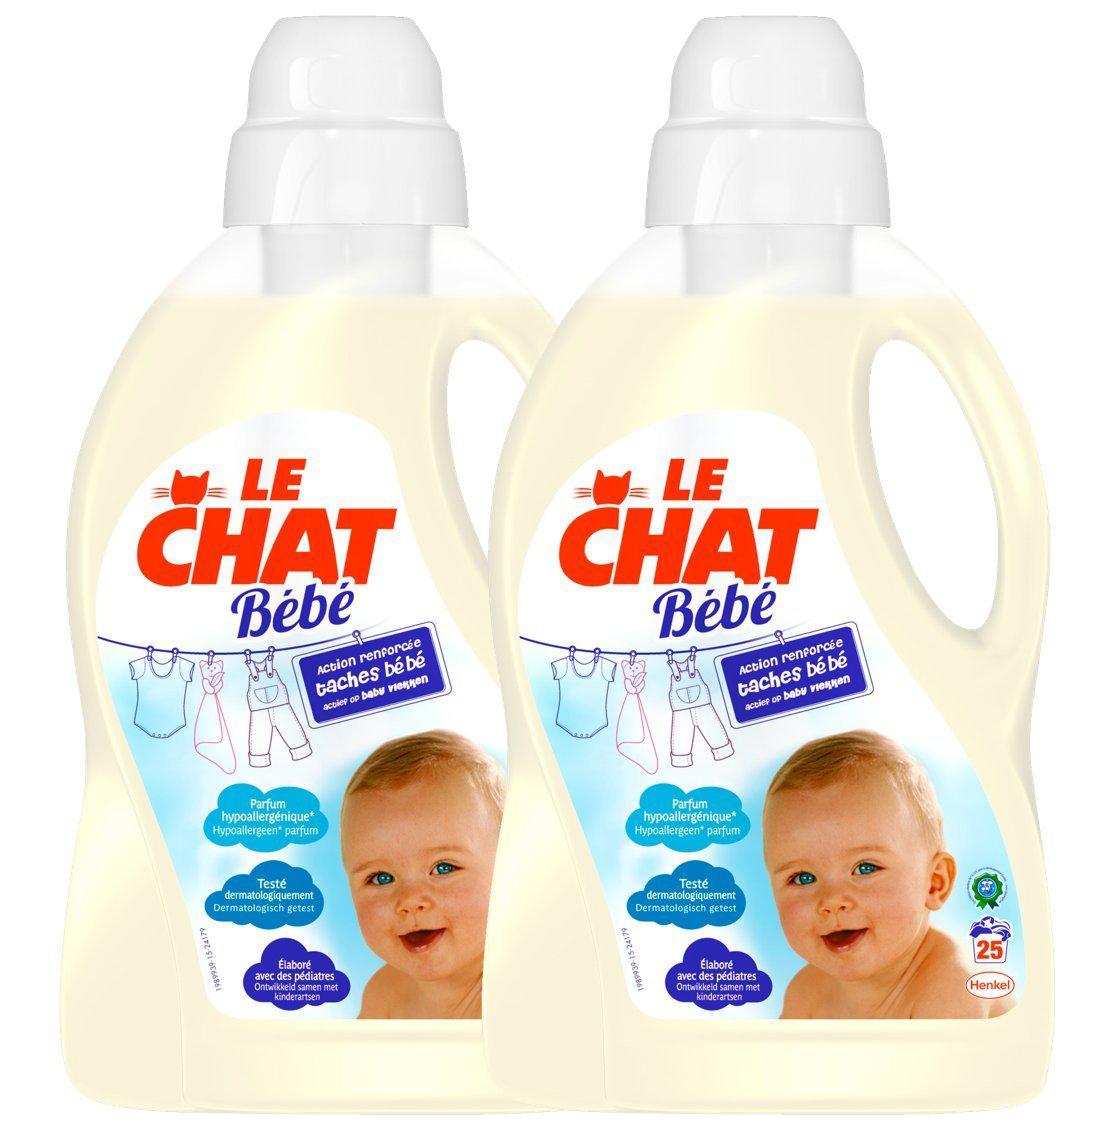 [Membres Premium] 2 Bidons de Lessive Le Chat bébé - 1.5Lx2